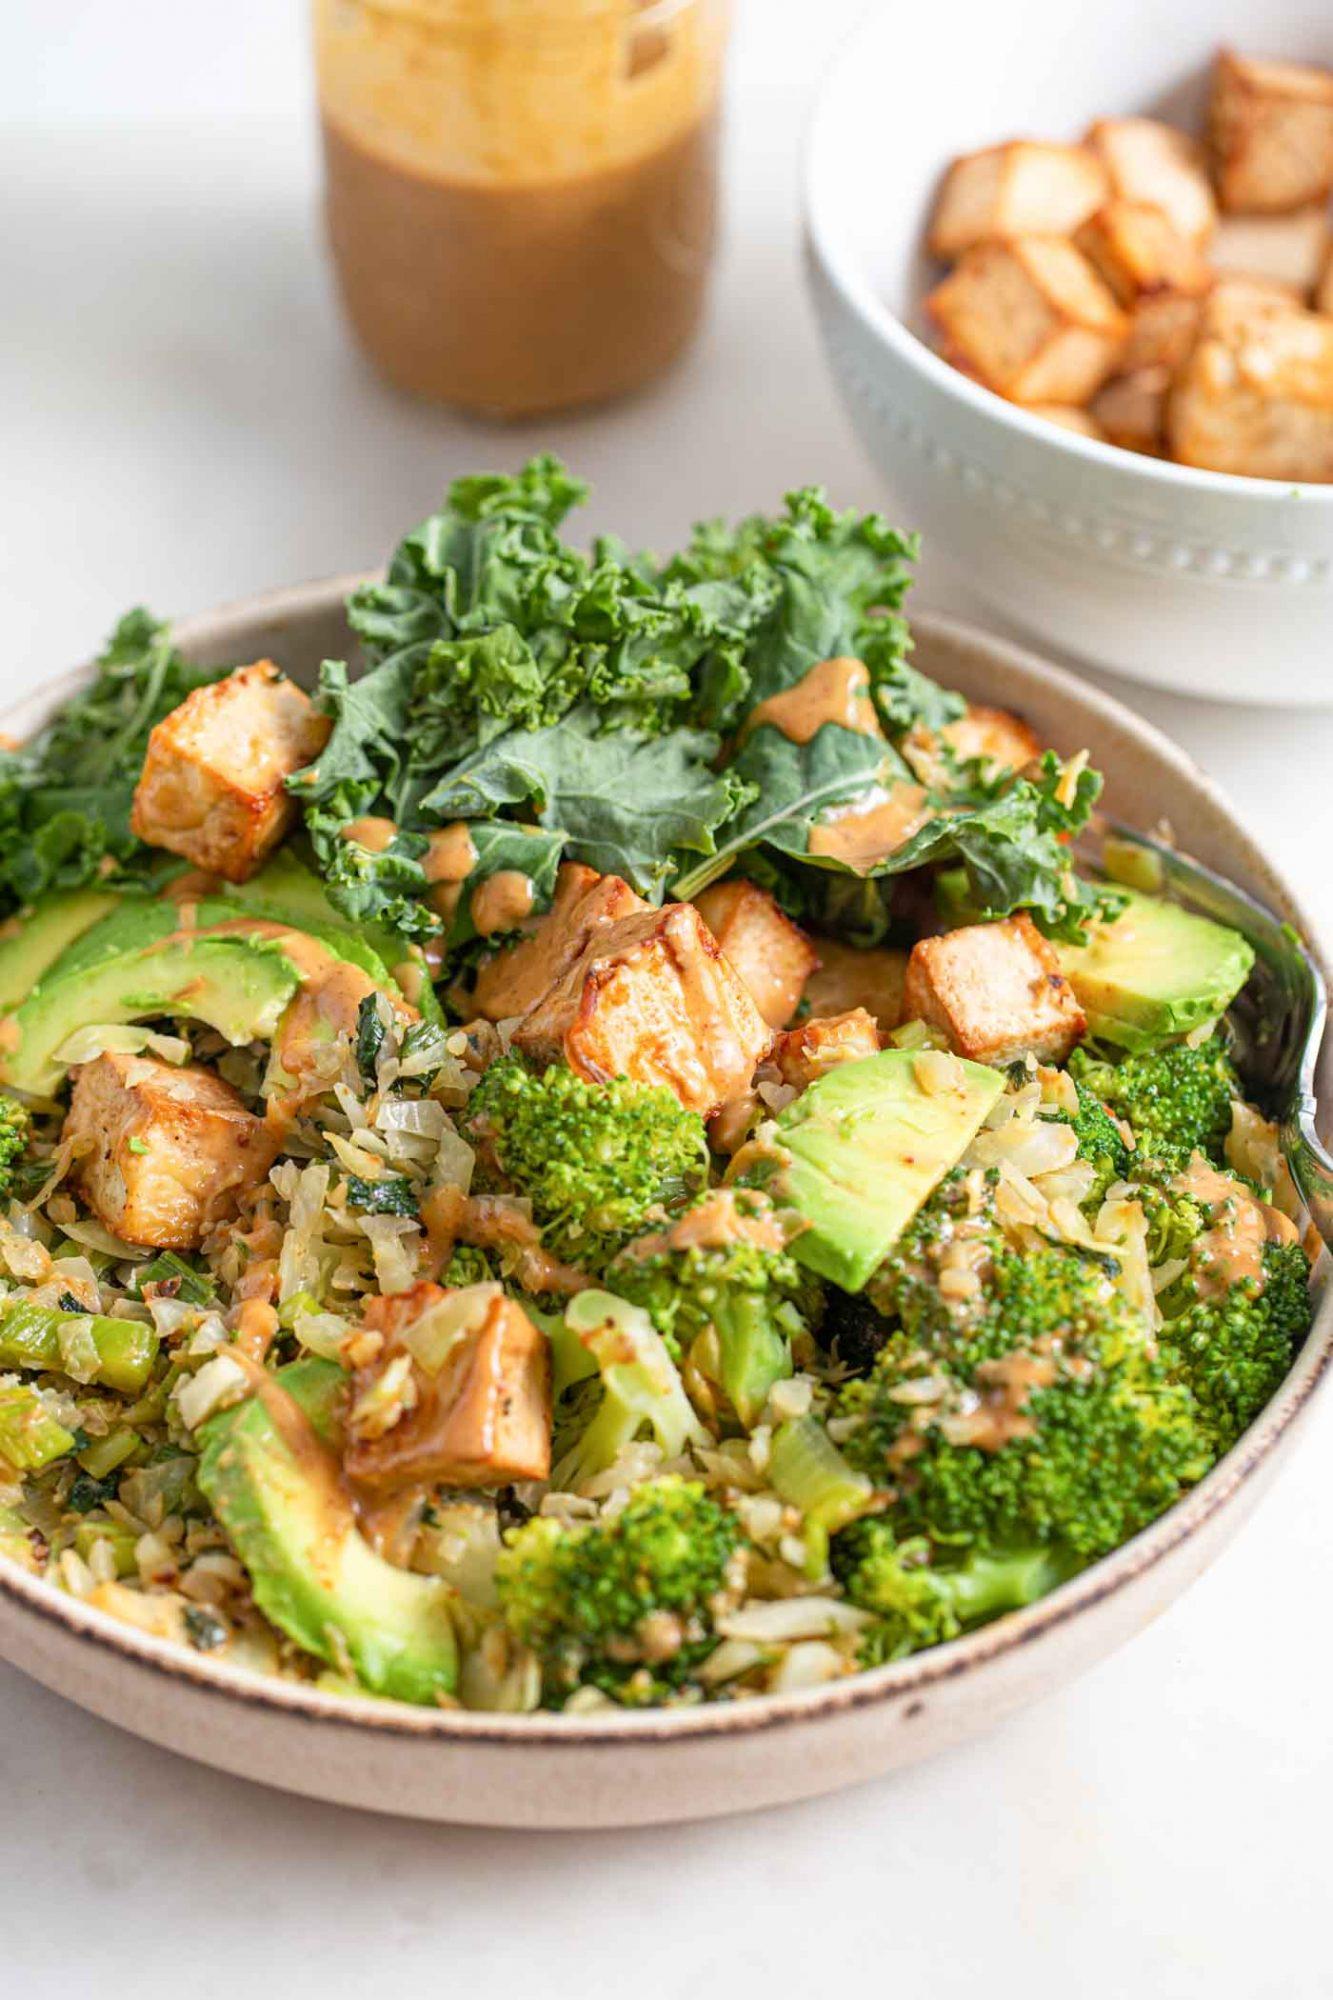 Vegan Low Carb Dinner Bowl